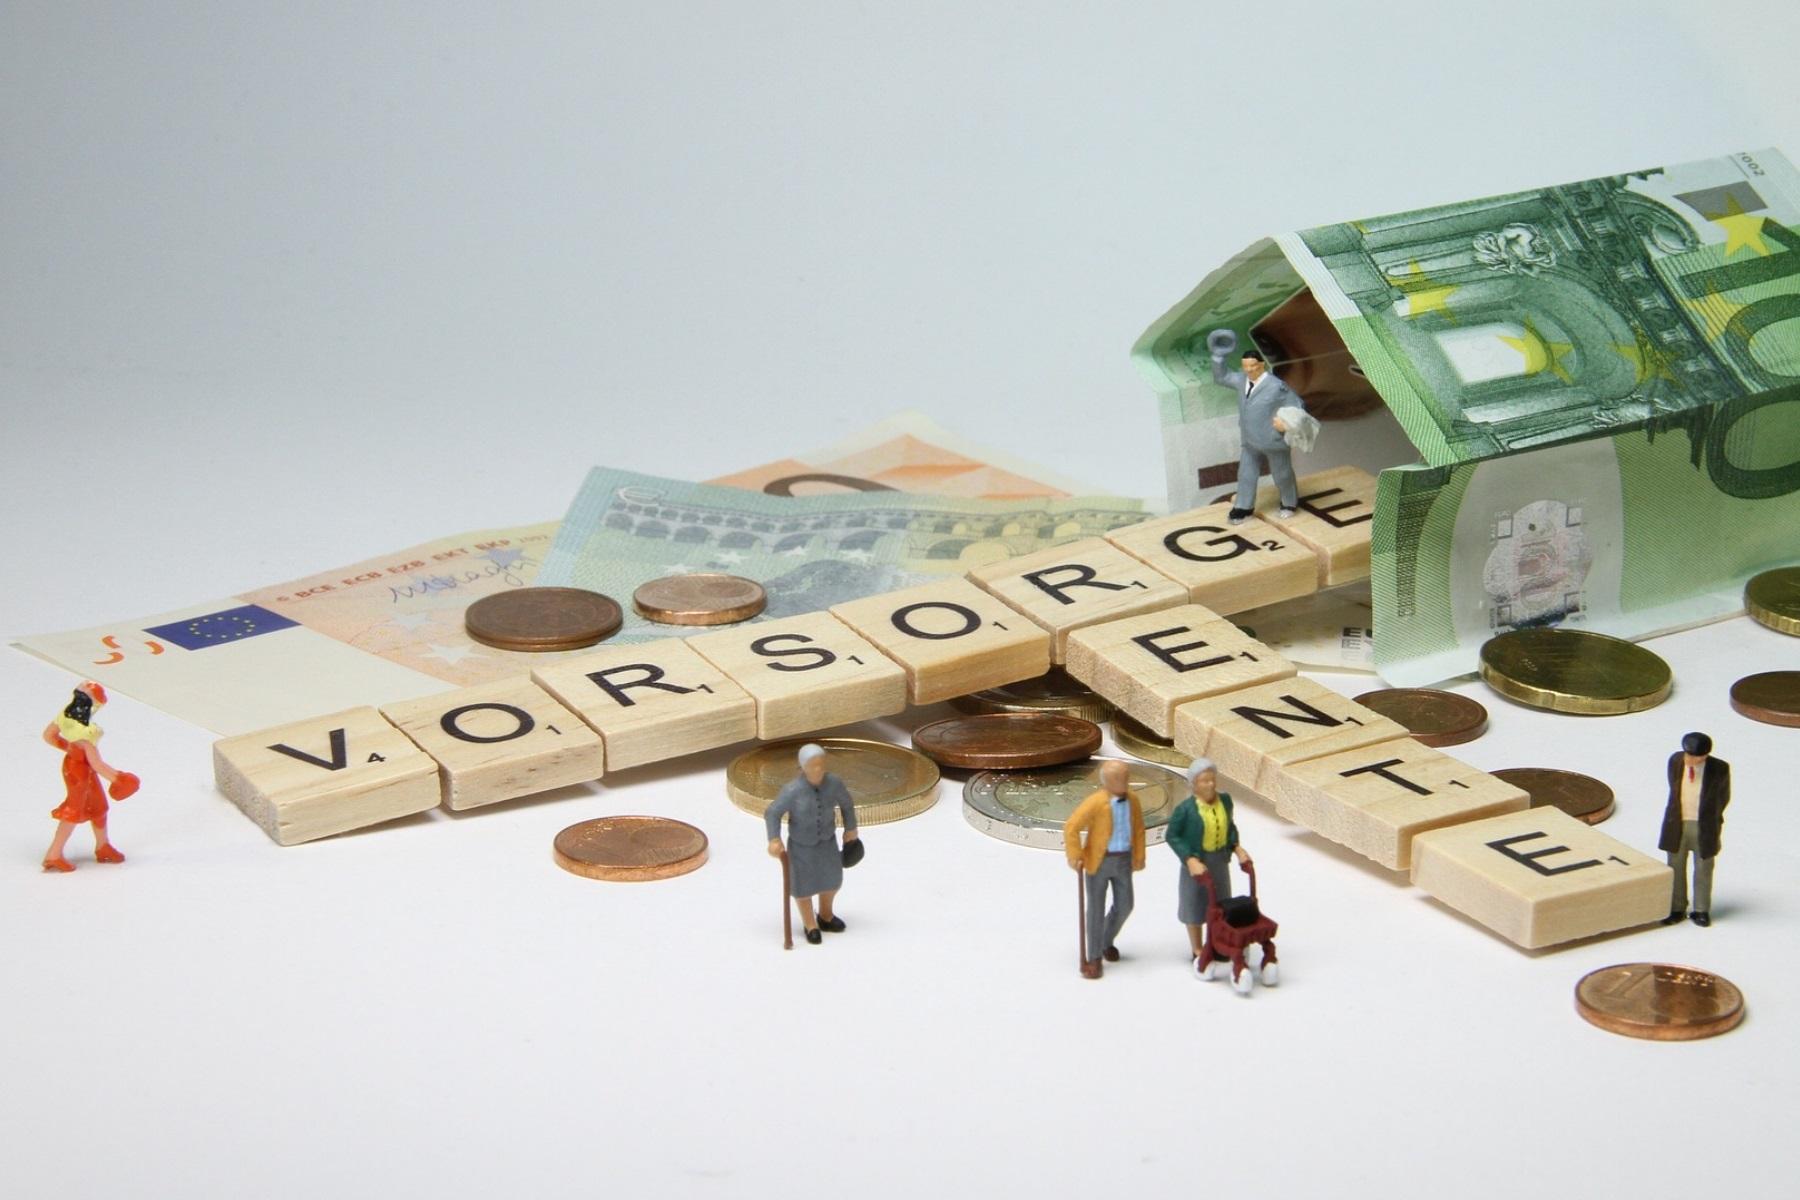 Beschlussantrag | Errichtung einer autonomen Vorsorge- und Sozialversicherungsanstalt für Südtirol